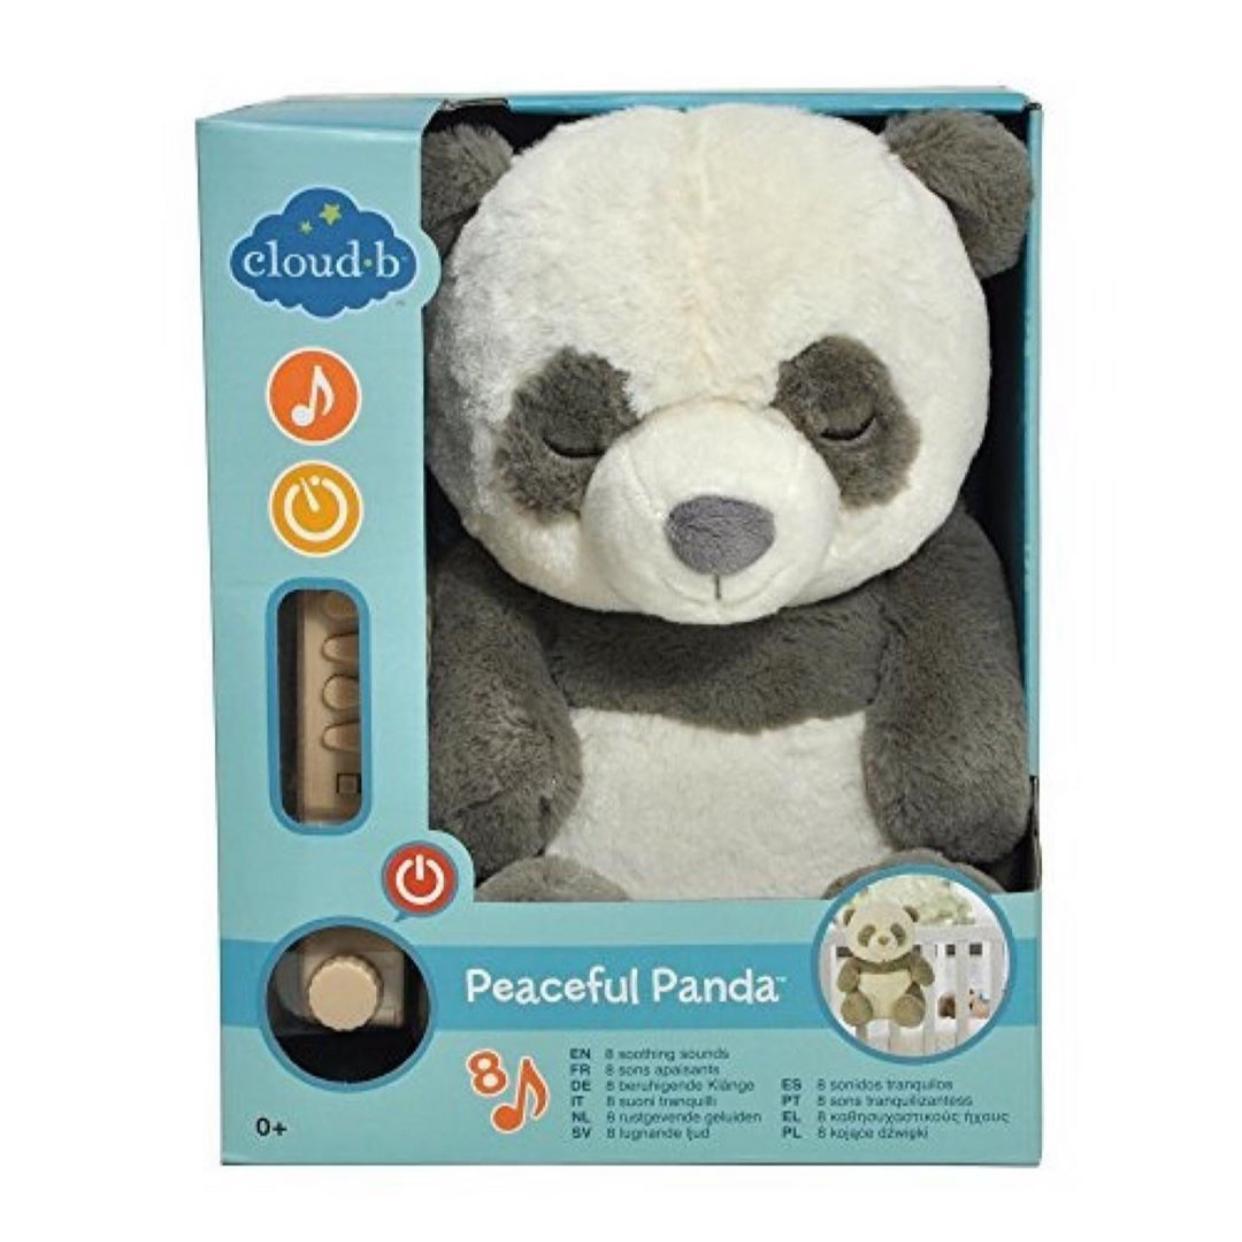 Panda con sonido para dormir